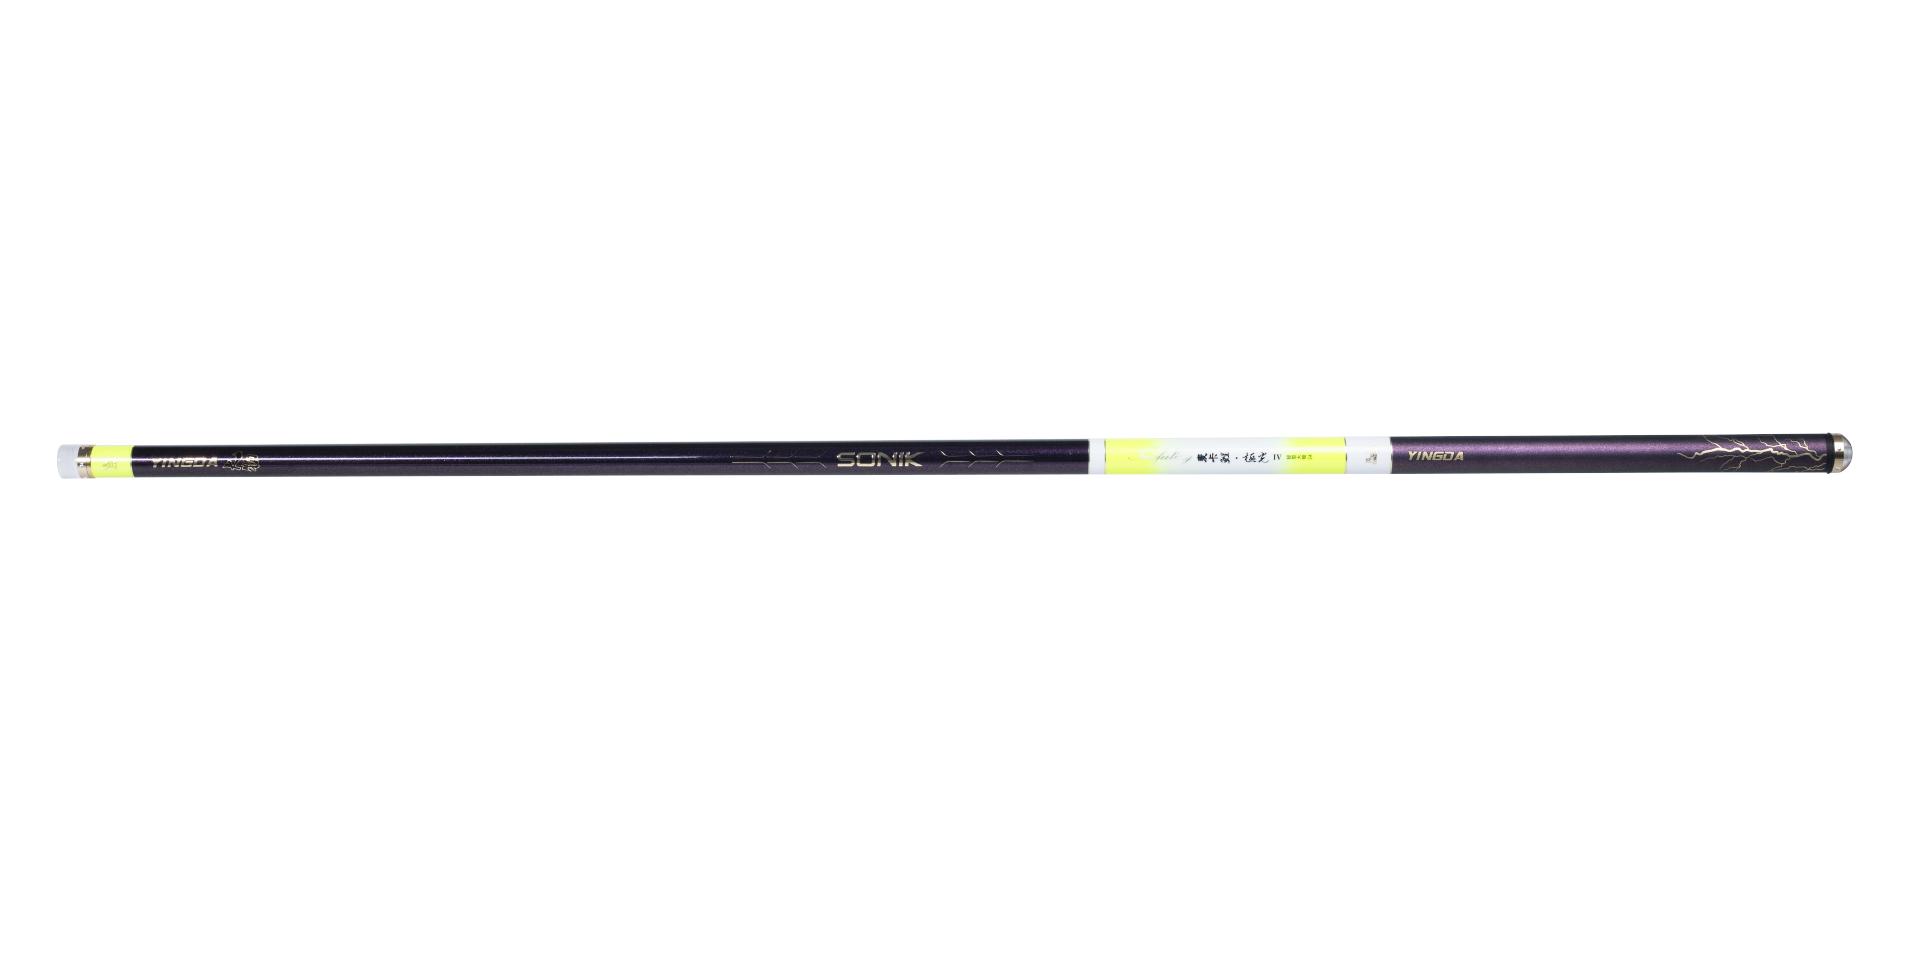 麦卡鲤・极光Ⅳ 大物版是一款高强度超轻大物专用竿(麦卡鲤・极光 Ⅲ代升级款)